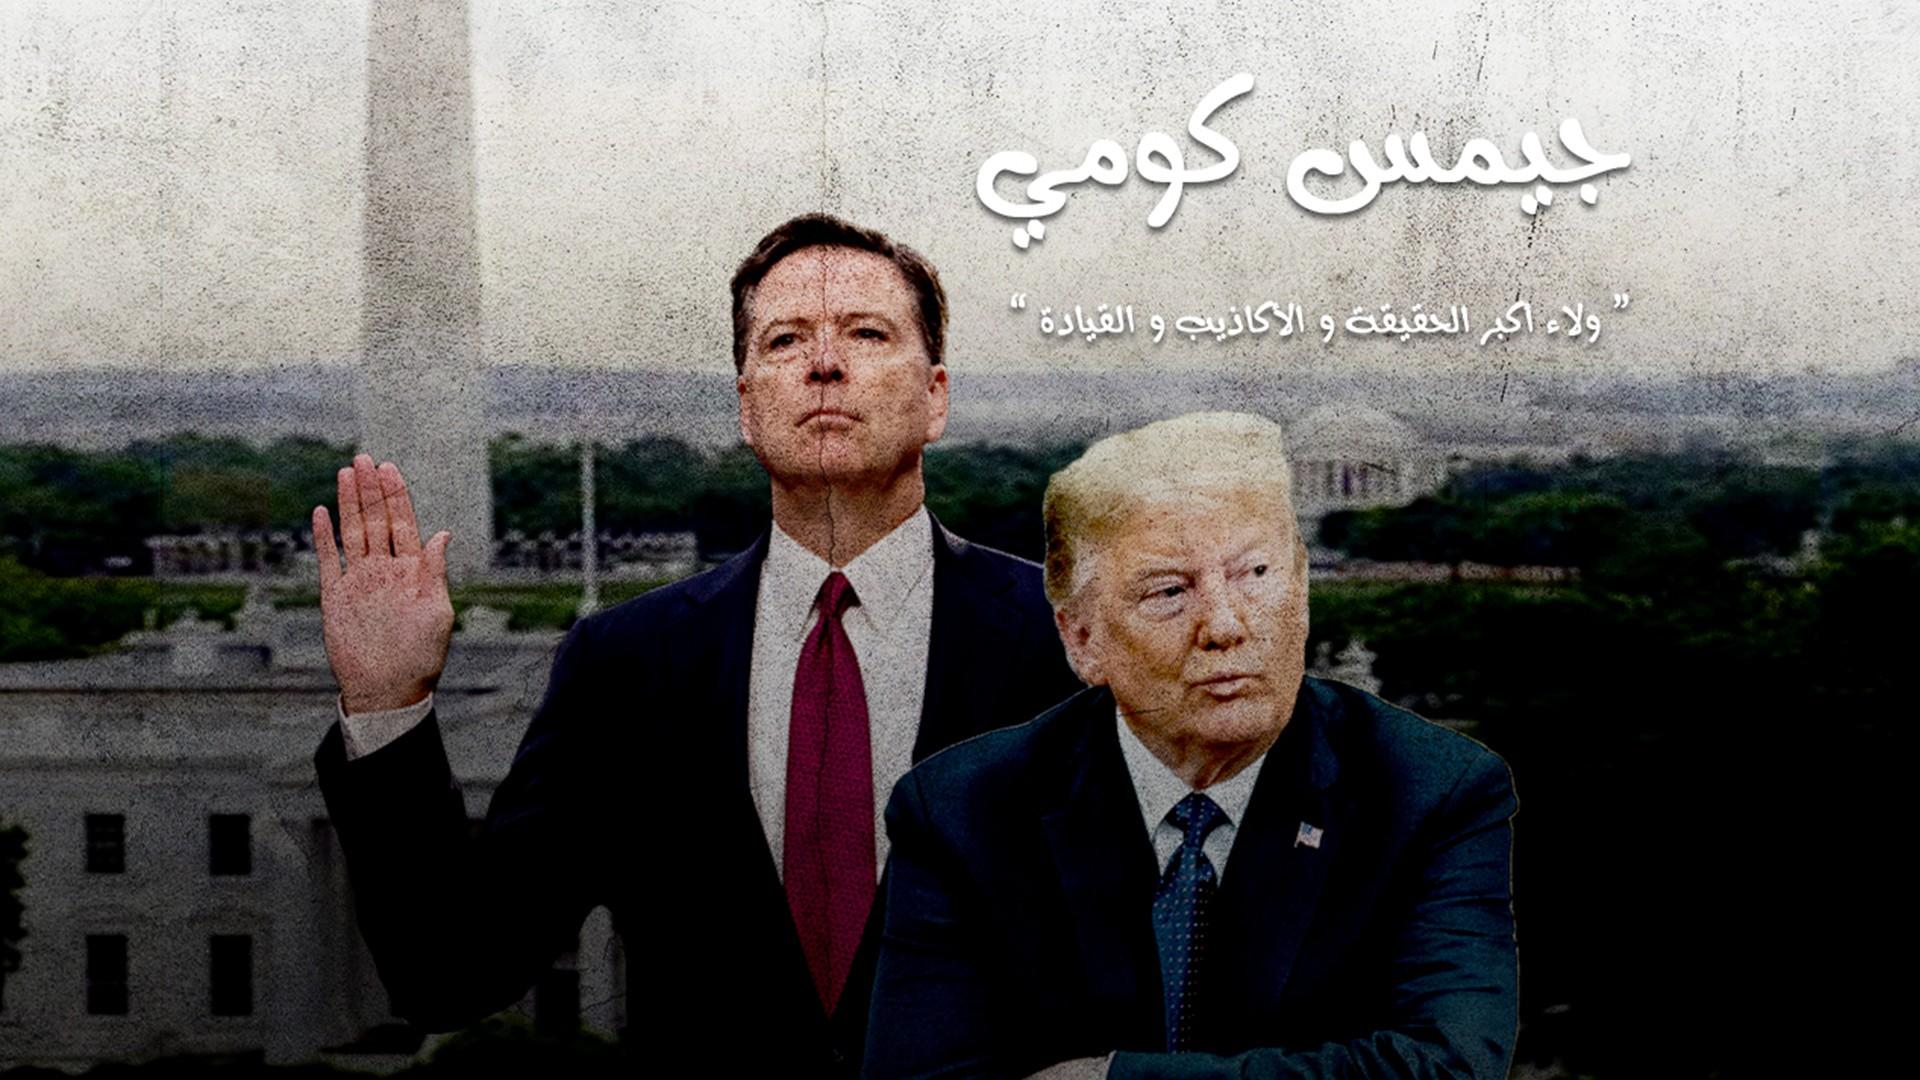 خفايا-التدخل-الروسي-في-الانتخابات-الأميركية-وتسريب-إيميلات-هيلاري-كلينتون--مذكرات-جيمس-كومي